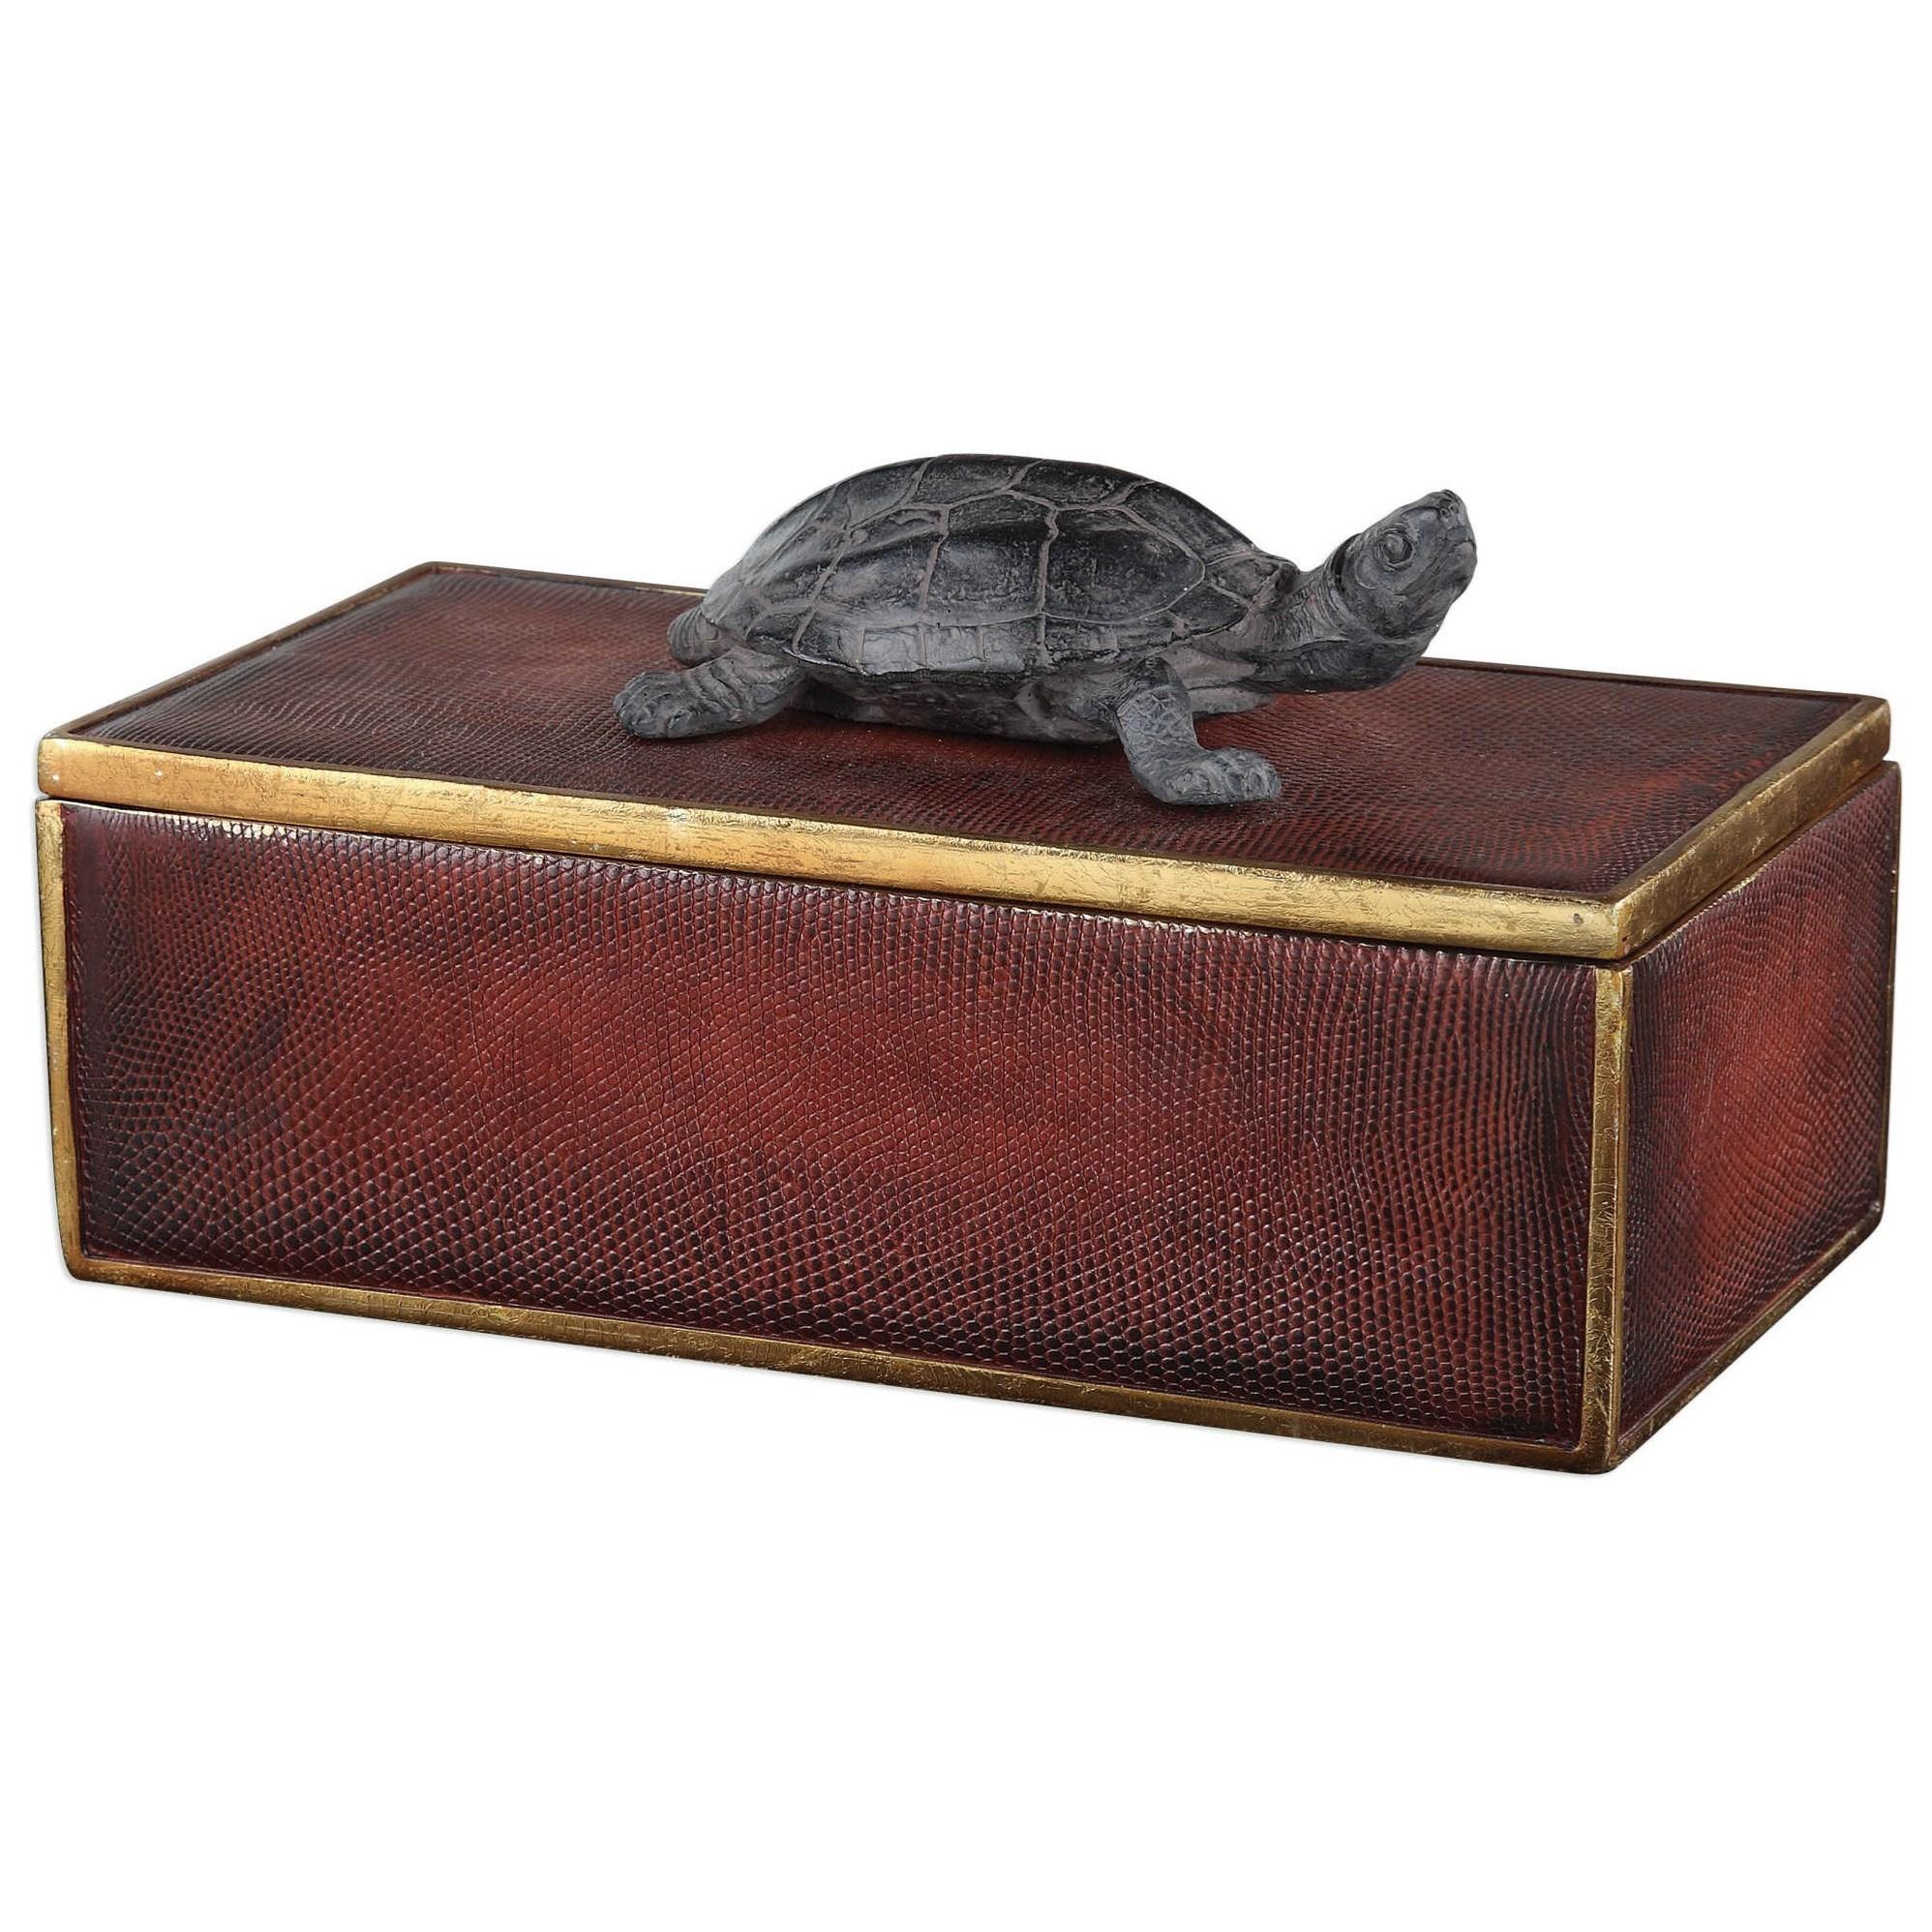 Uttermost Accessories Neagan Chestnut Brown Box - Item Number: 20480